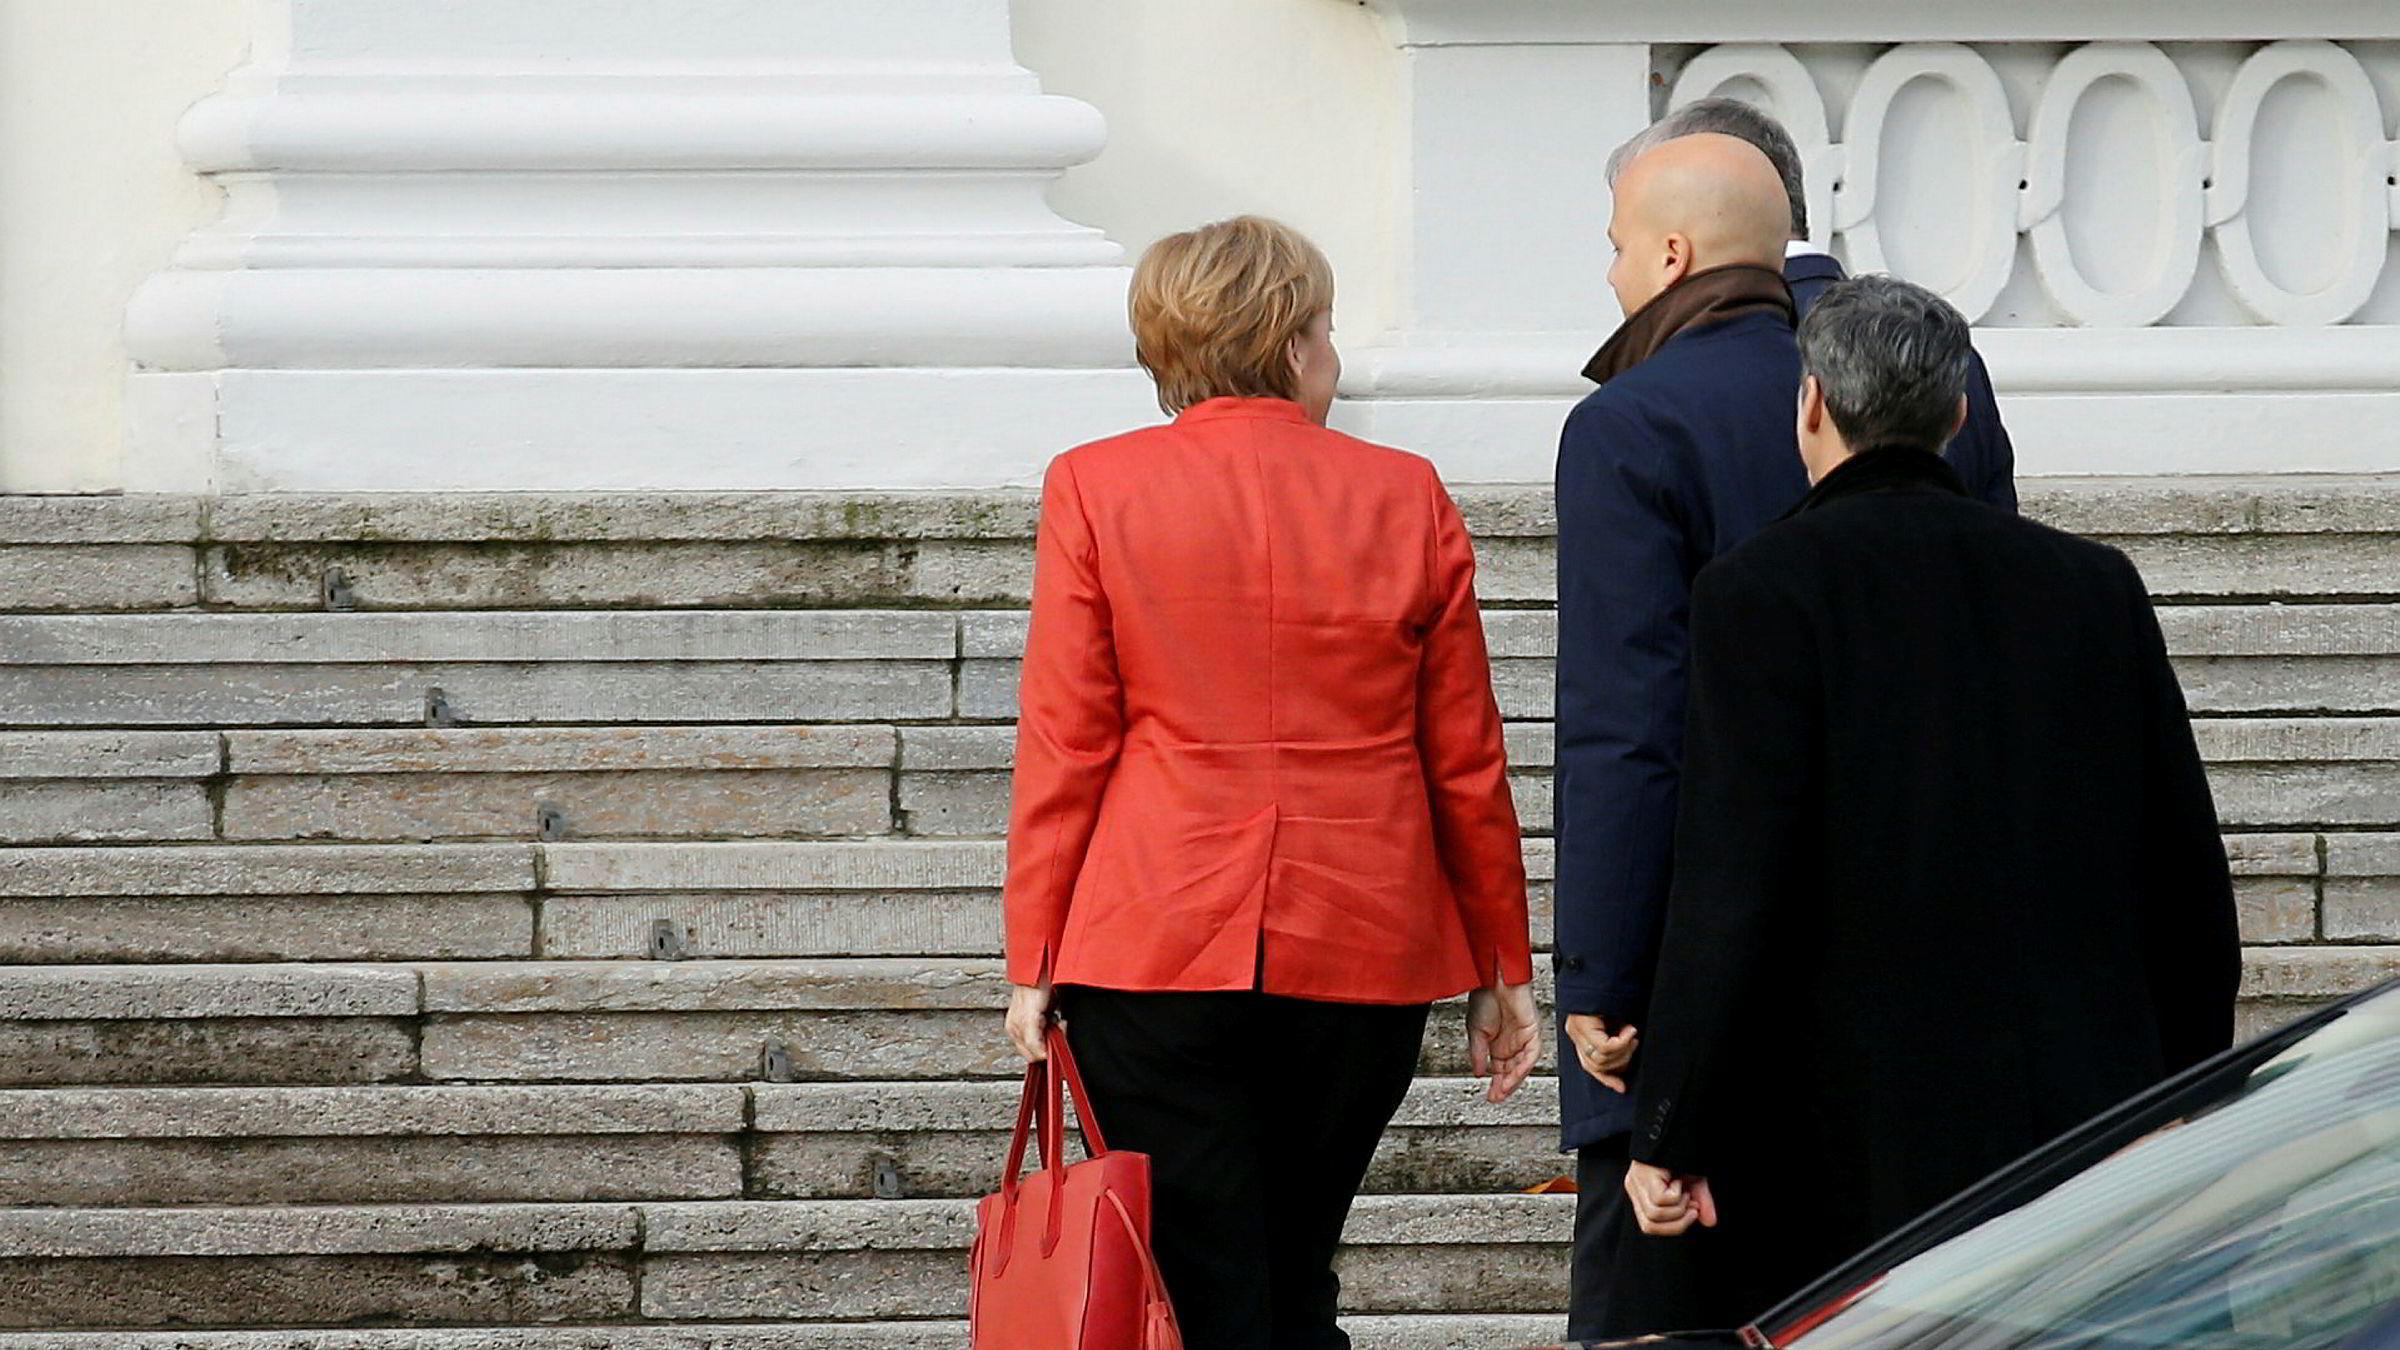 Tysklands forbundskansler Angela Merkel var mandag på vei for å møte forbundspresident Frank-Walter Steinmeier etter at regjeringsforhandlingene kollapset samme natt.